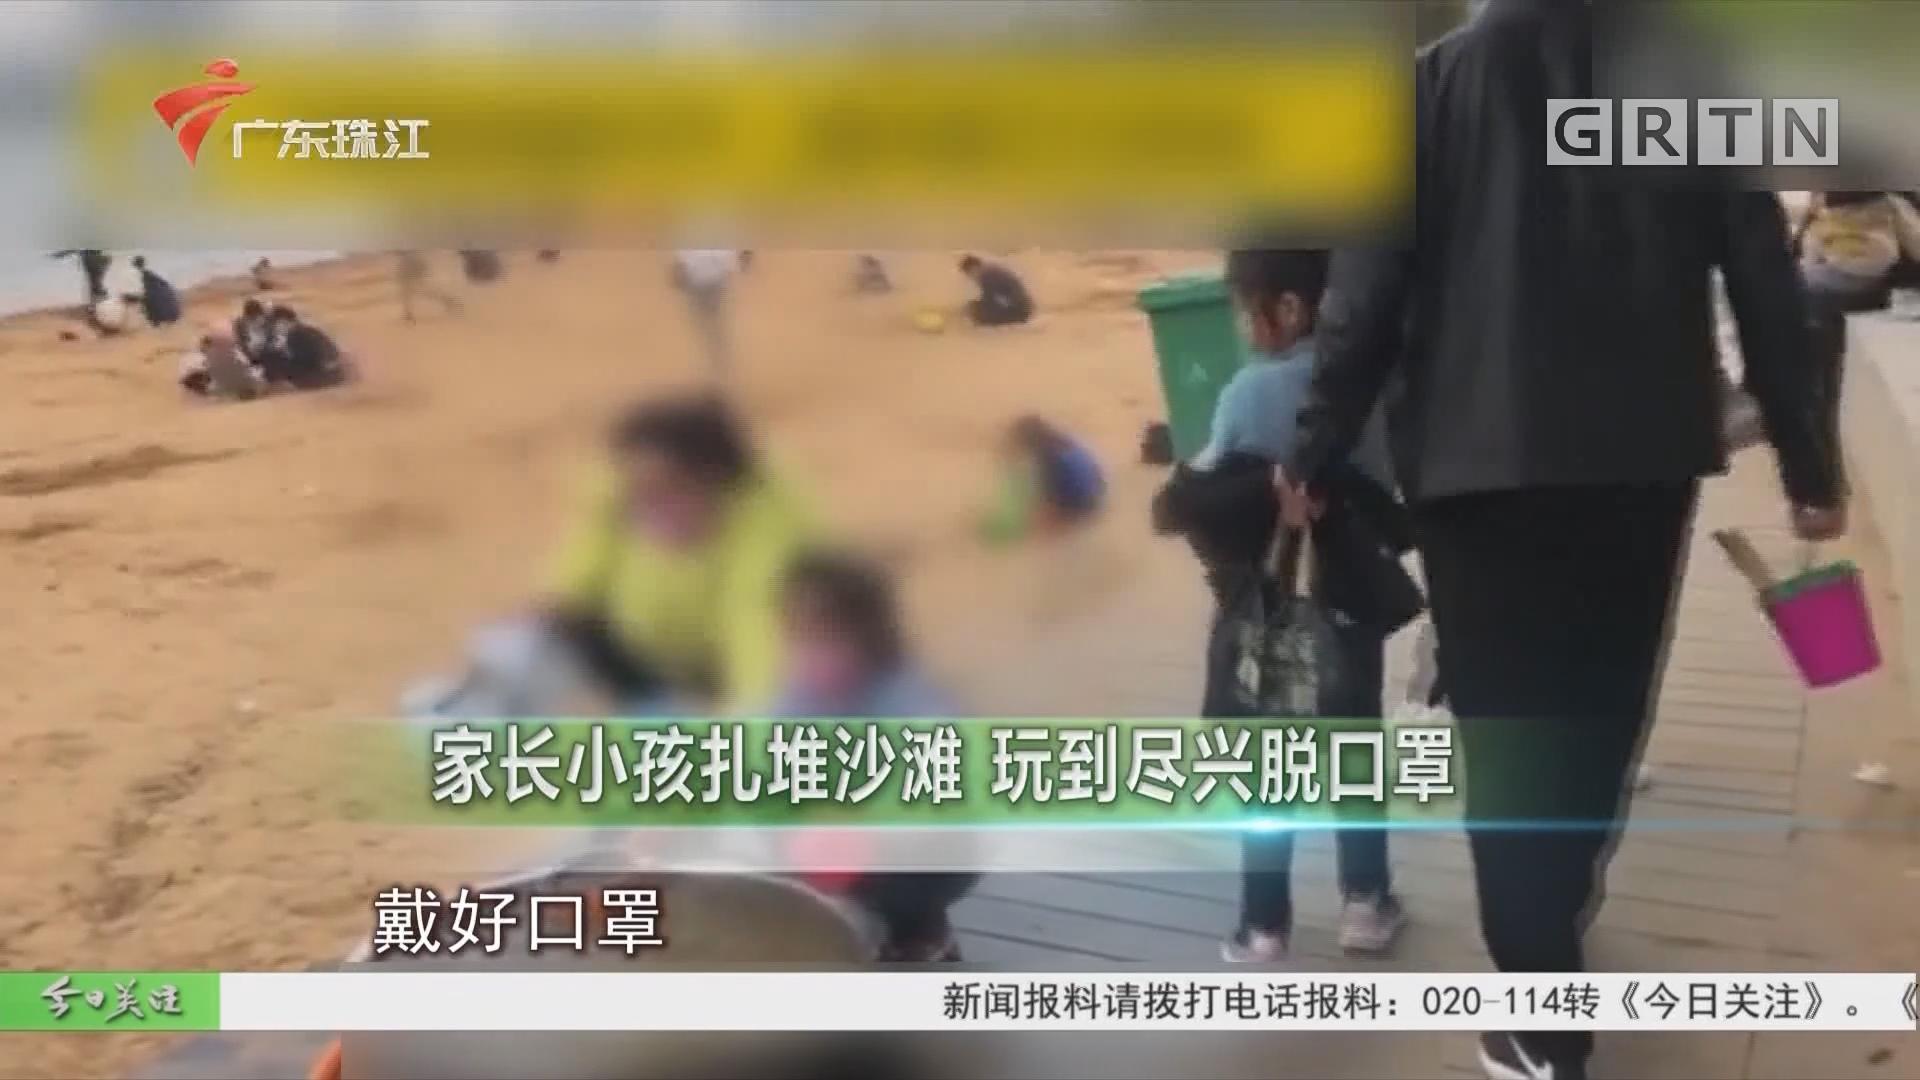 家长小孩扎堆沙滩 玩到尽兴脱口罩